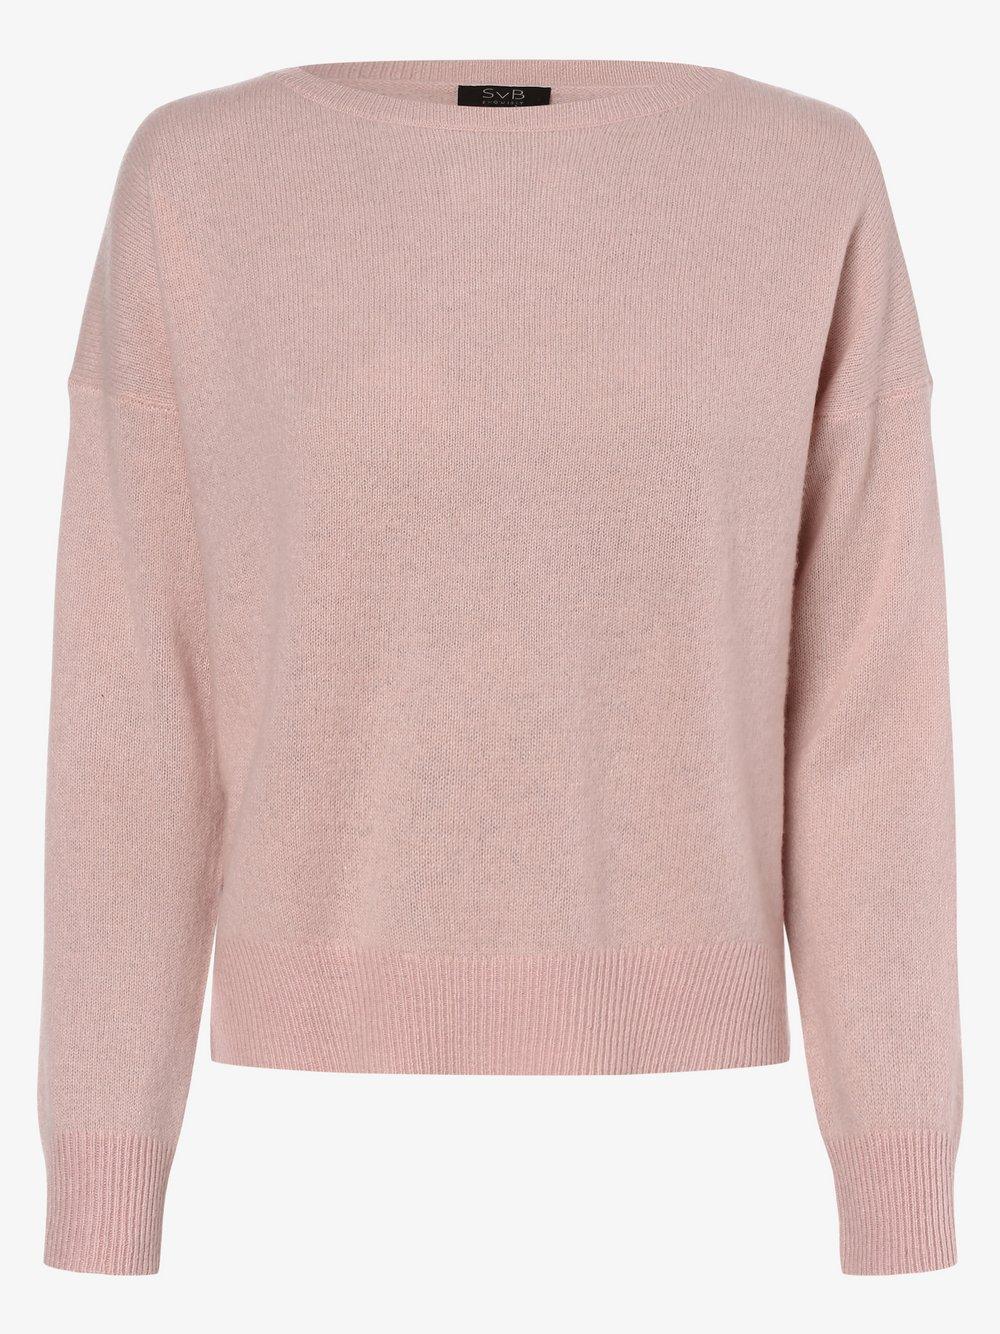 SvB Exquisit – Sweter damski z czystego kaszmiru, różowy Van Graaf 479082-0003-00380